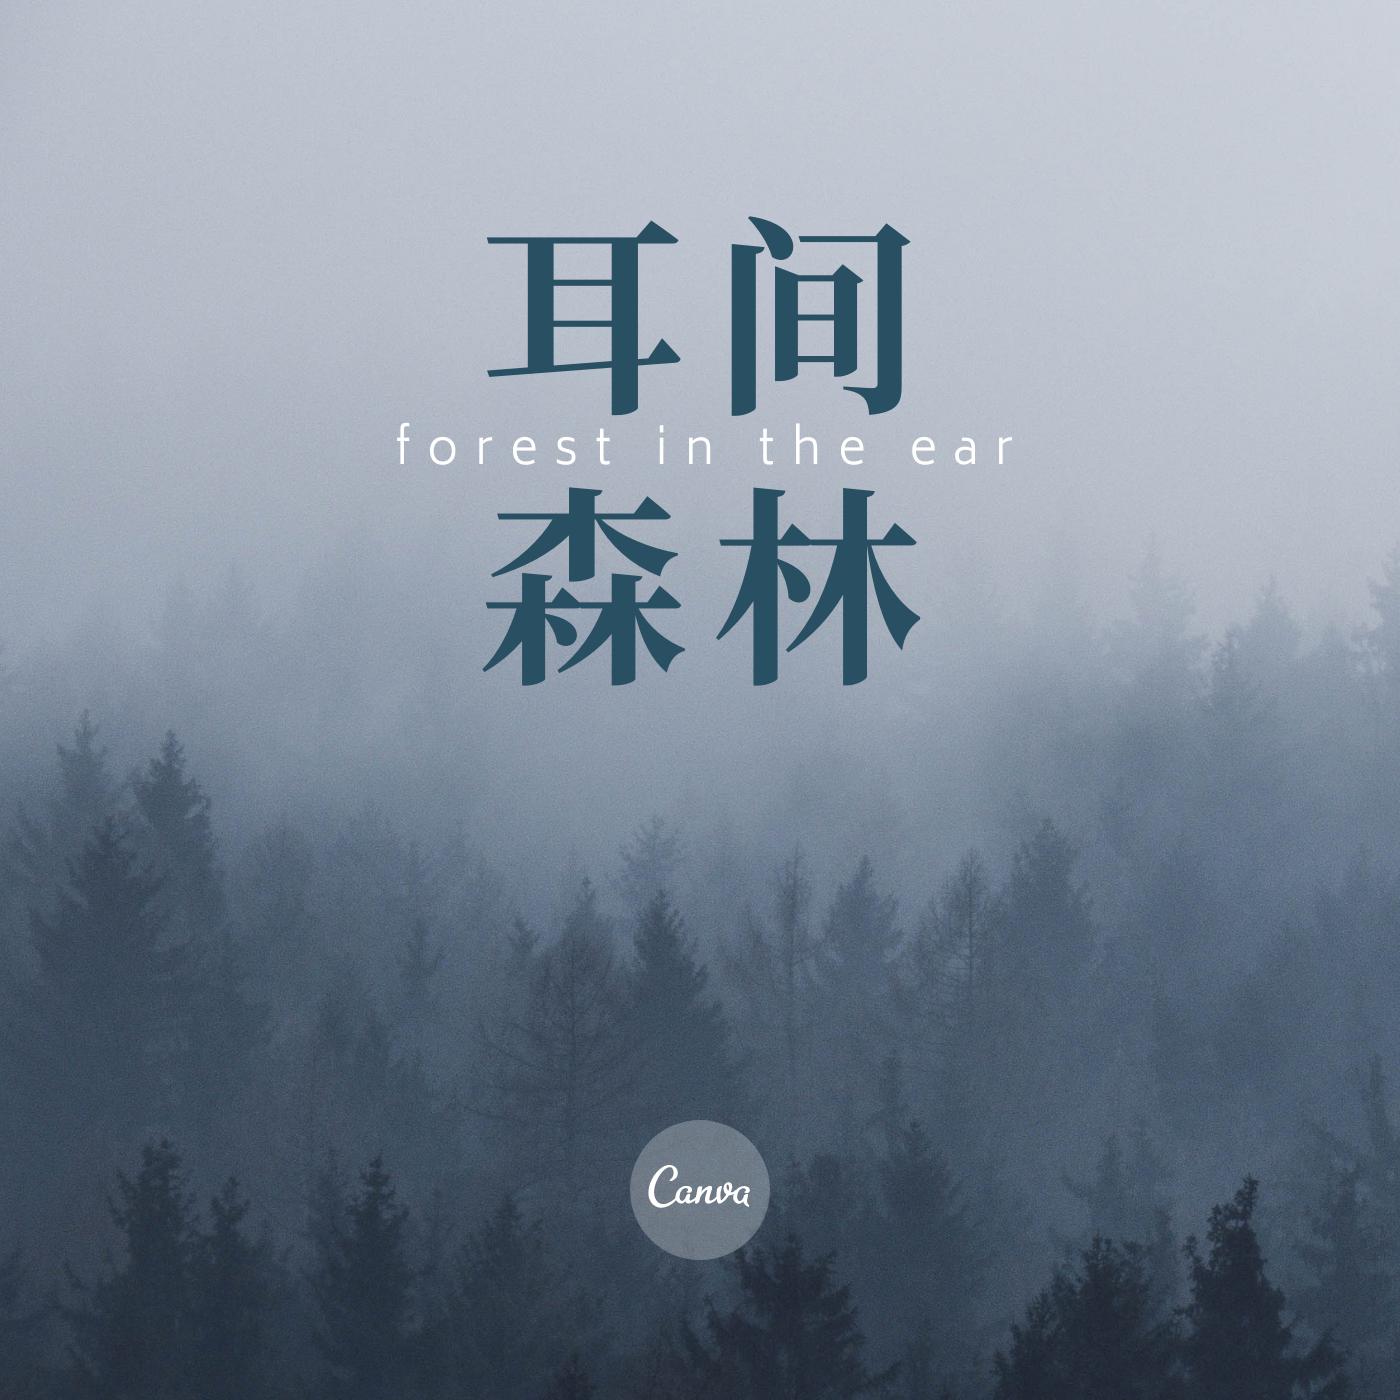 明日之星-吕永鑫